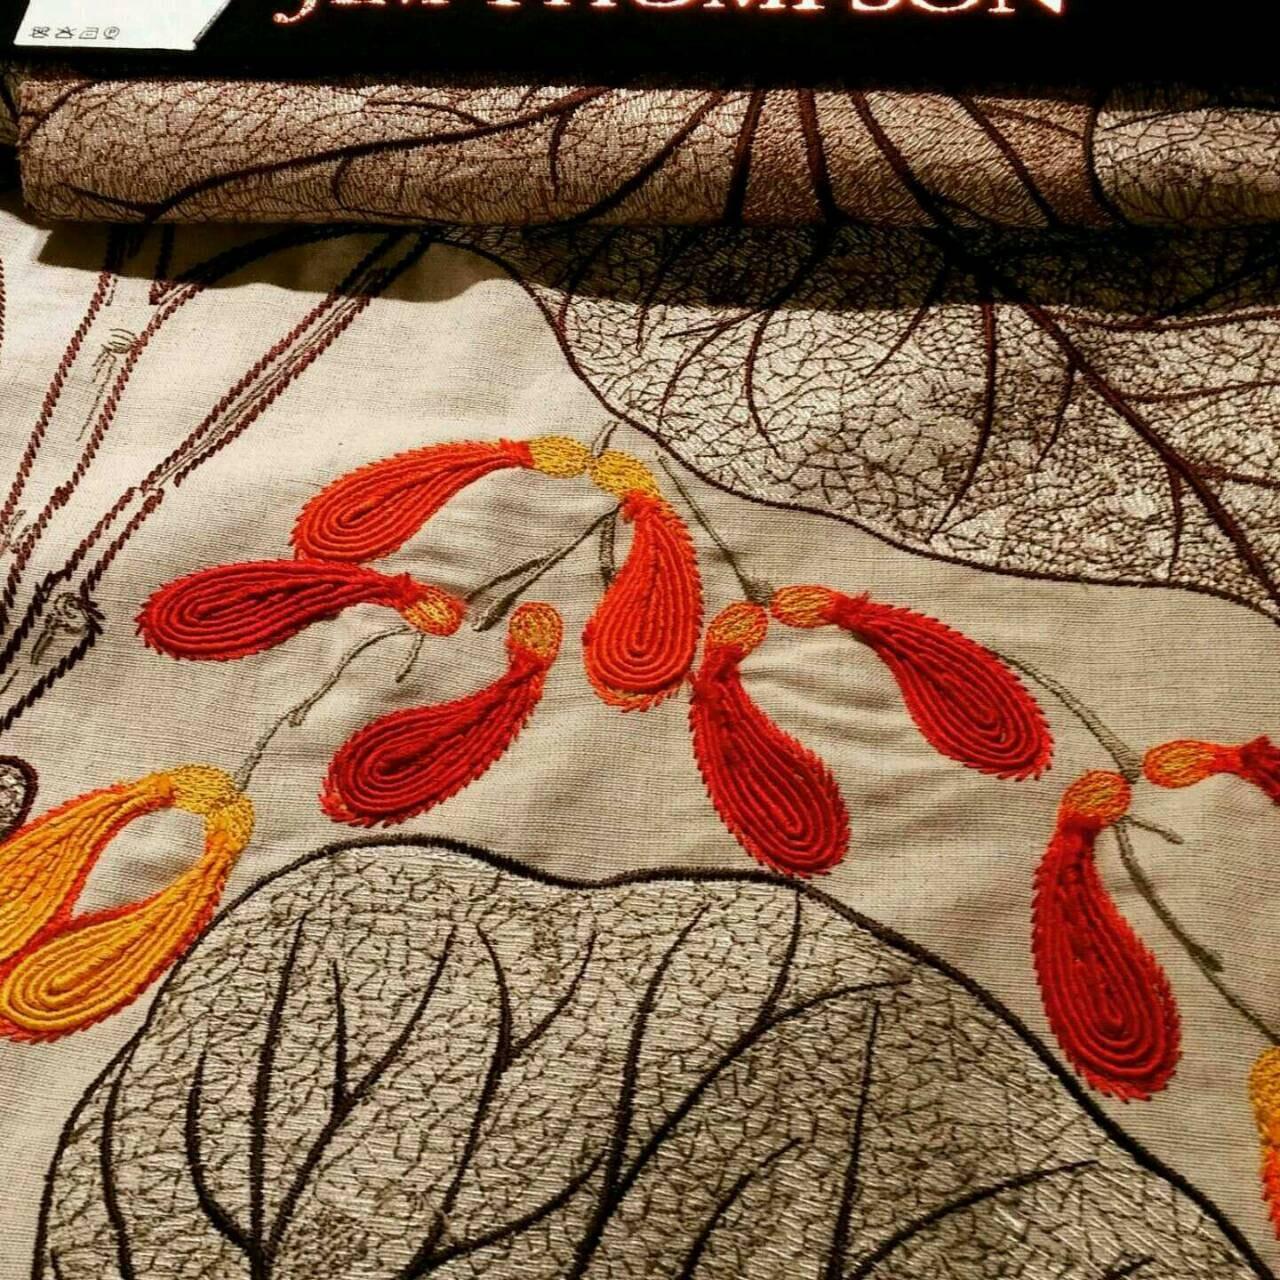 Isabelle baies délicates de collection, collection, collection, Jim Thompson en tissu, brodé sur une crème de couleur terre, ce tissu vraiment audacieux et unique f87e89